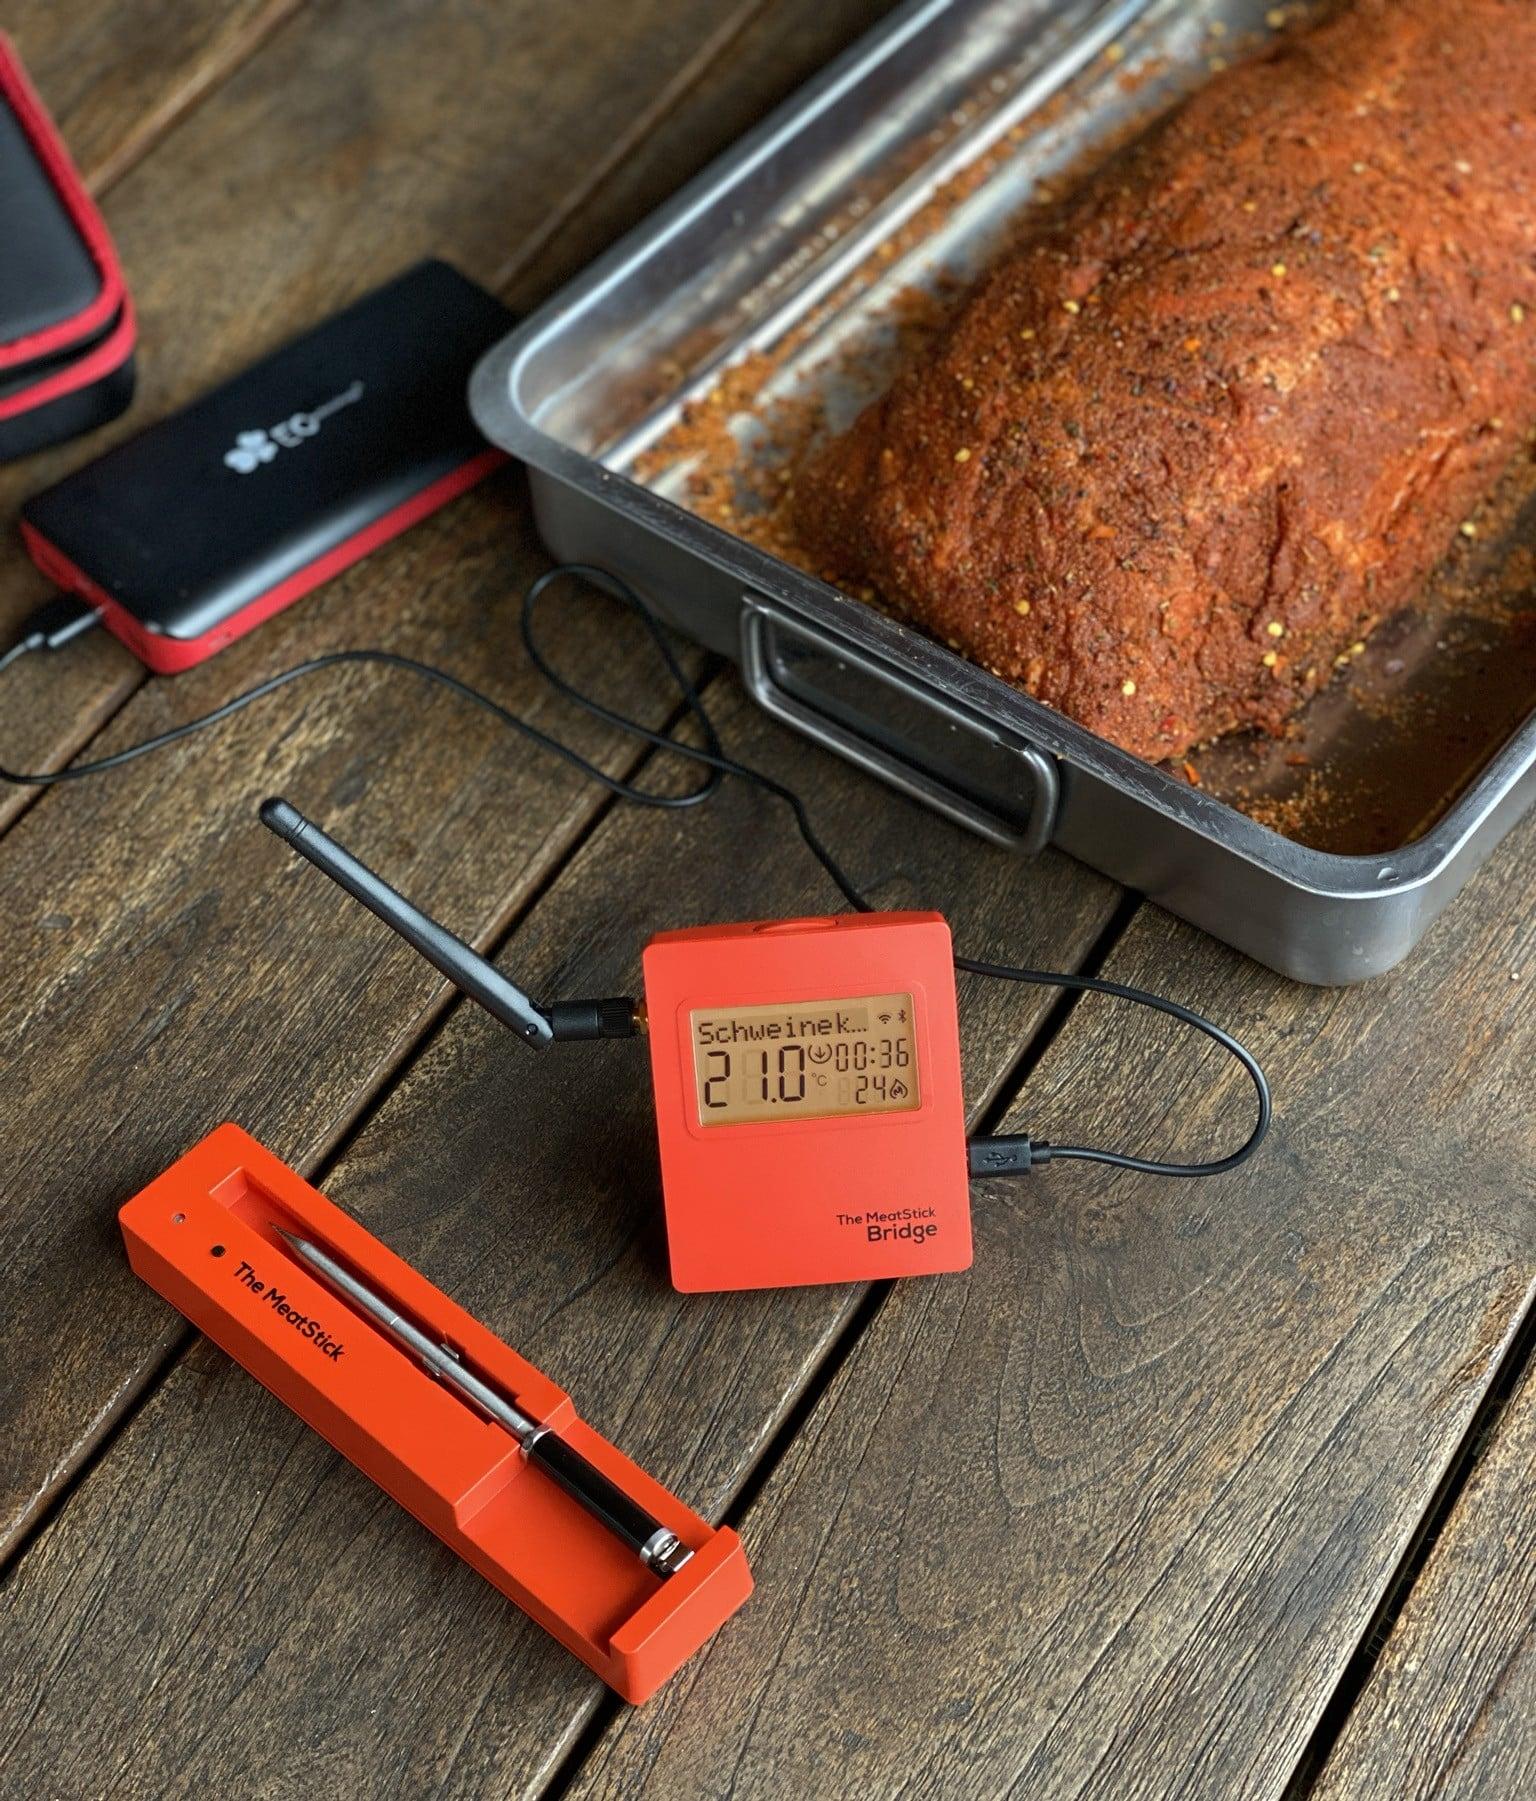 Der MeatStick im Test meatstick-MeatStick Fleischthermometer Test 02-MeatStick Fleischthermometer im BBQPit-Test meatstick-MeatStick Fleischthermometer Test 02-MeatStick Fleischthermometer im BBQPit-Test